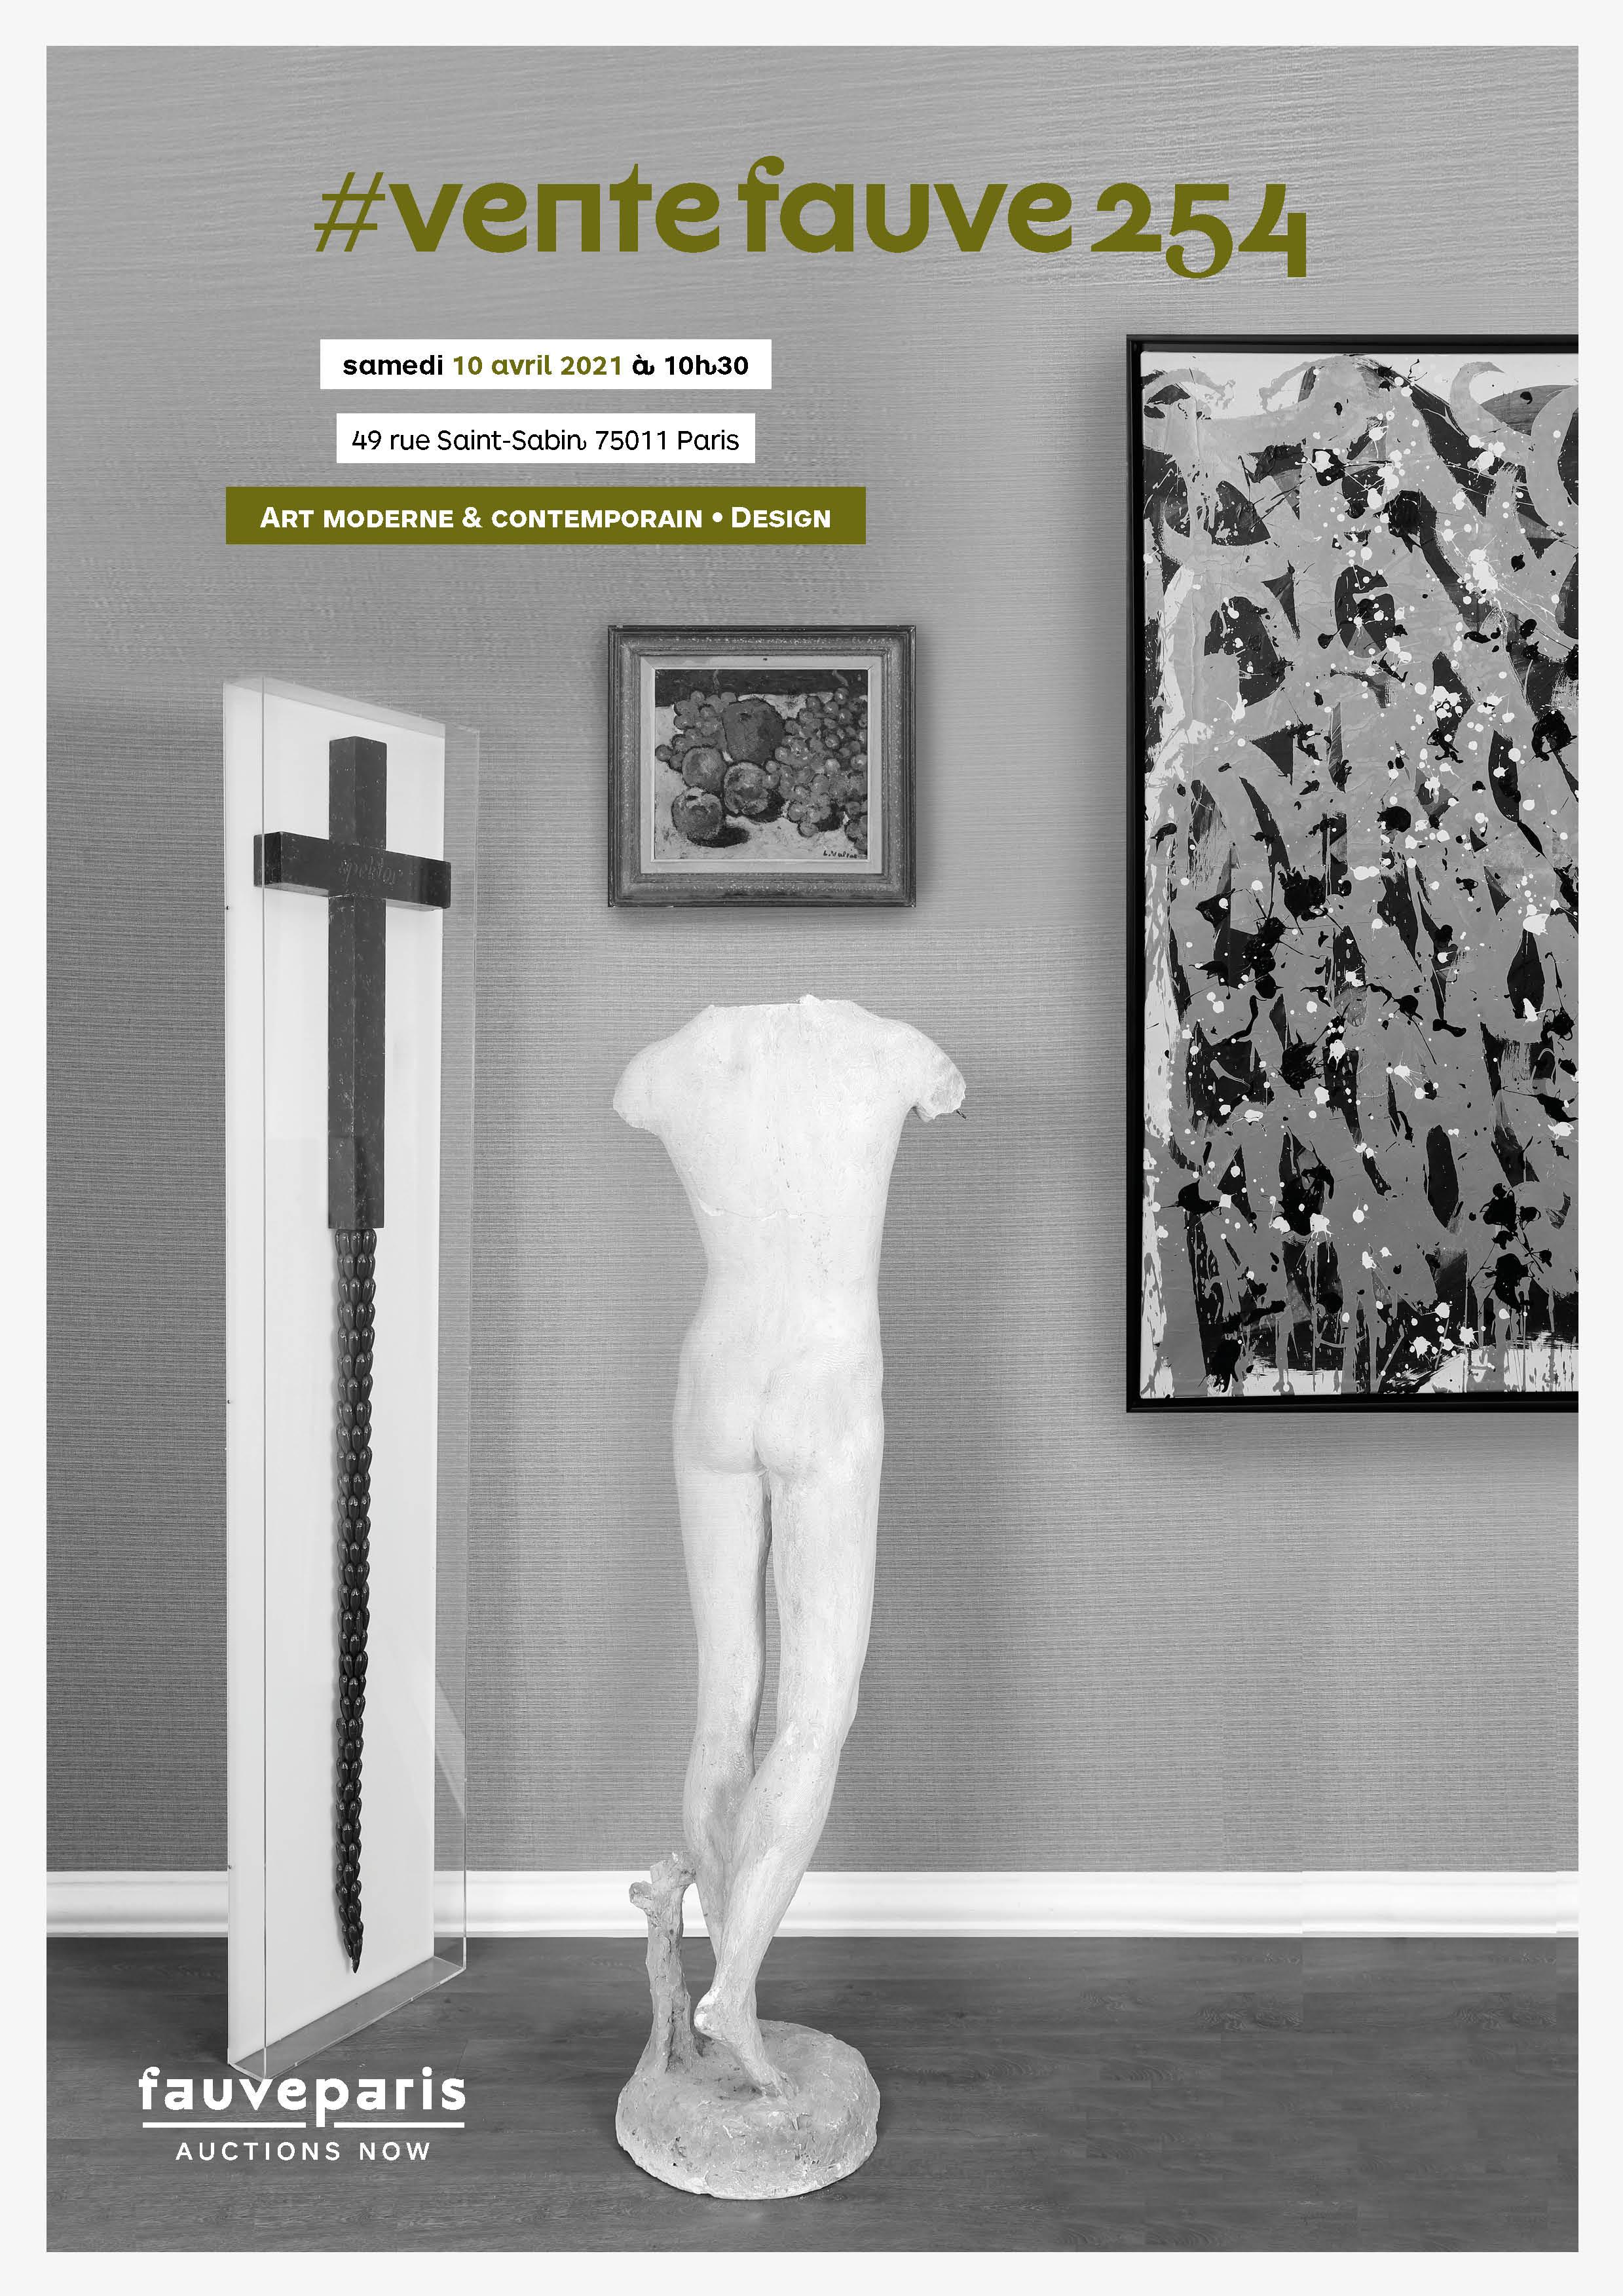 Vente Art Moderne & Contemporain • Design chez FauveParis : 84 lots